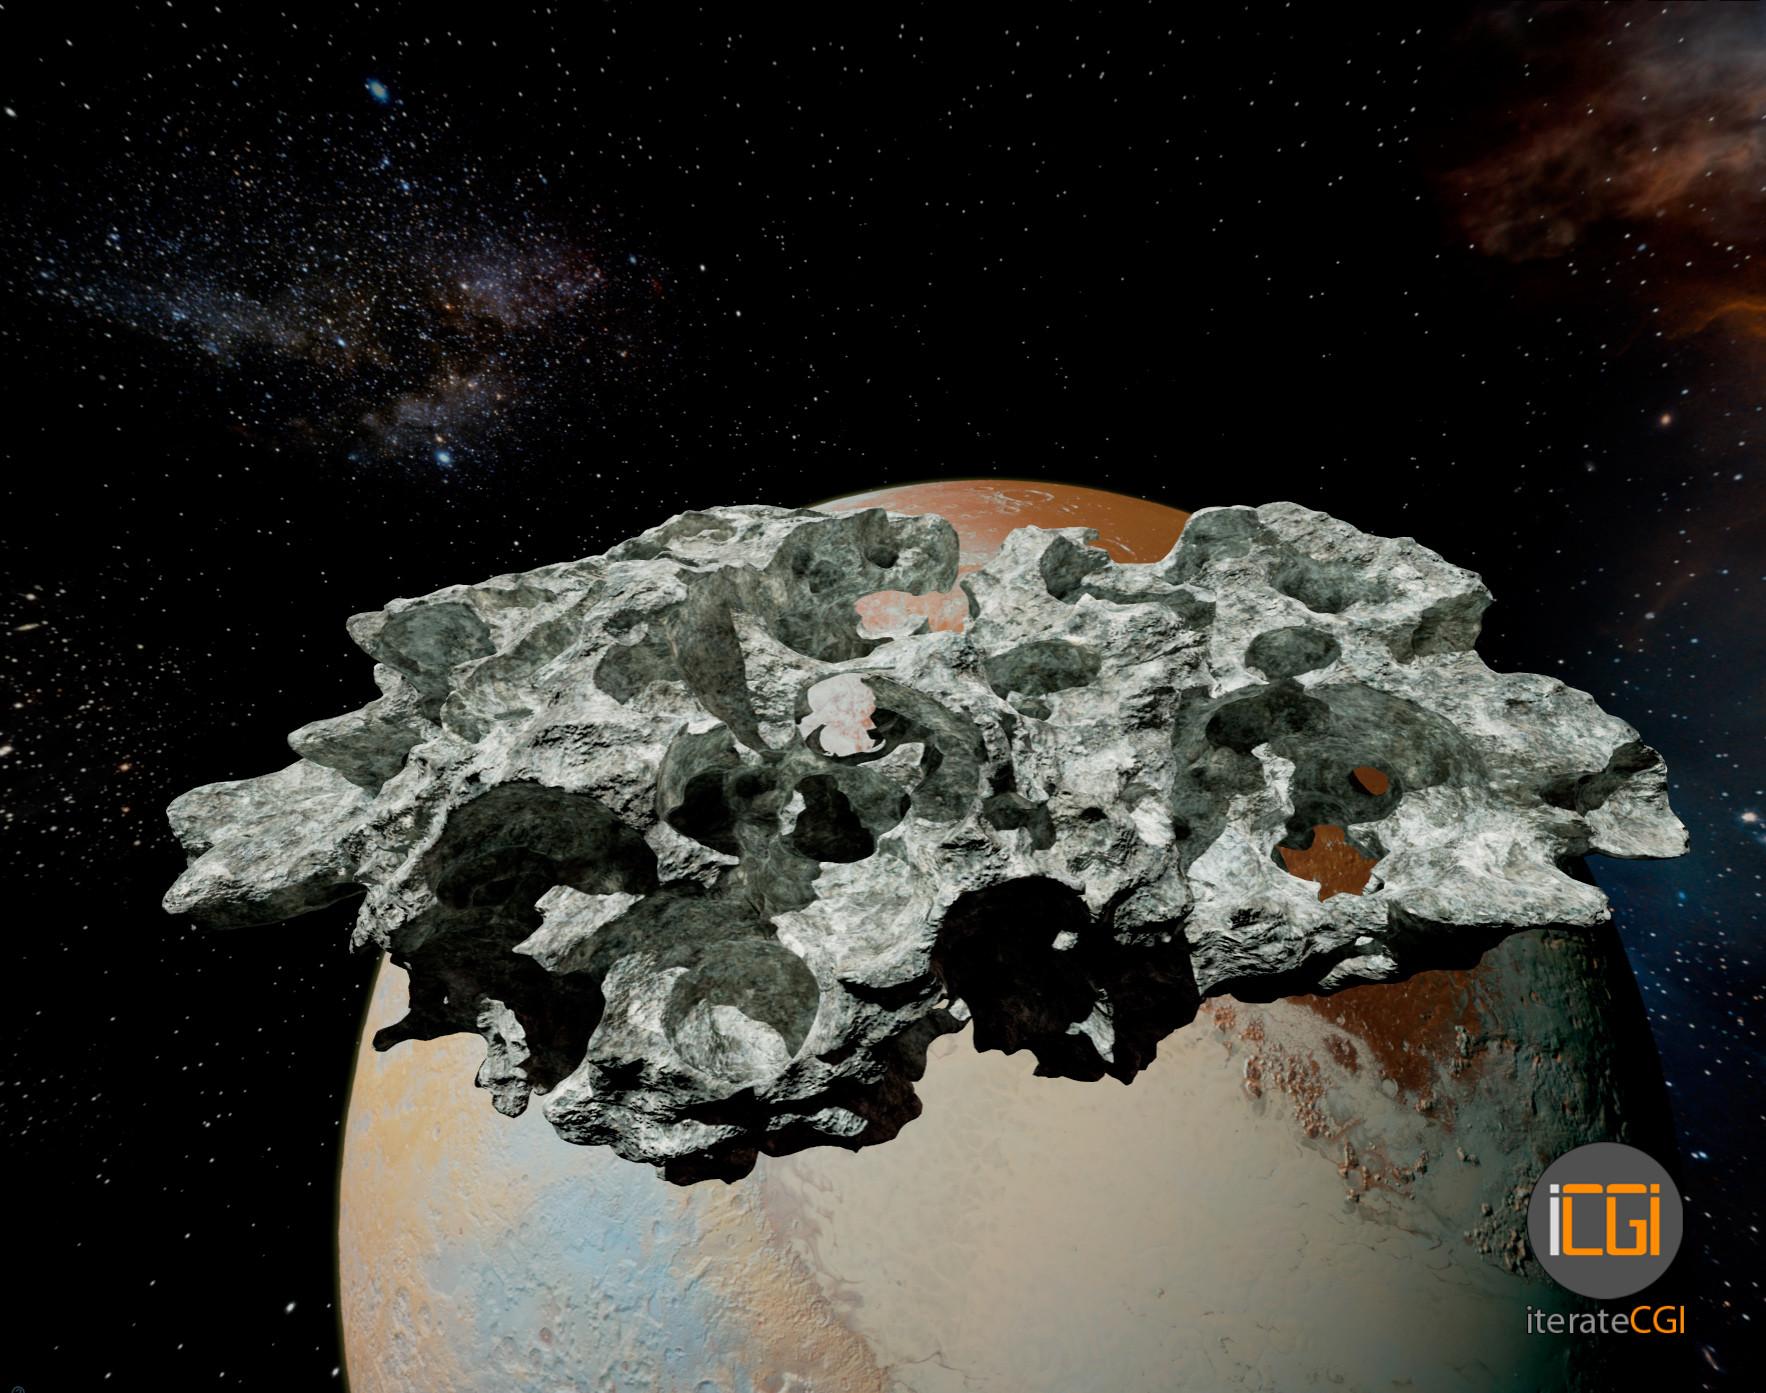 Johan de leenheer 3d asteroid game model 2